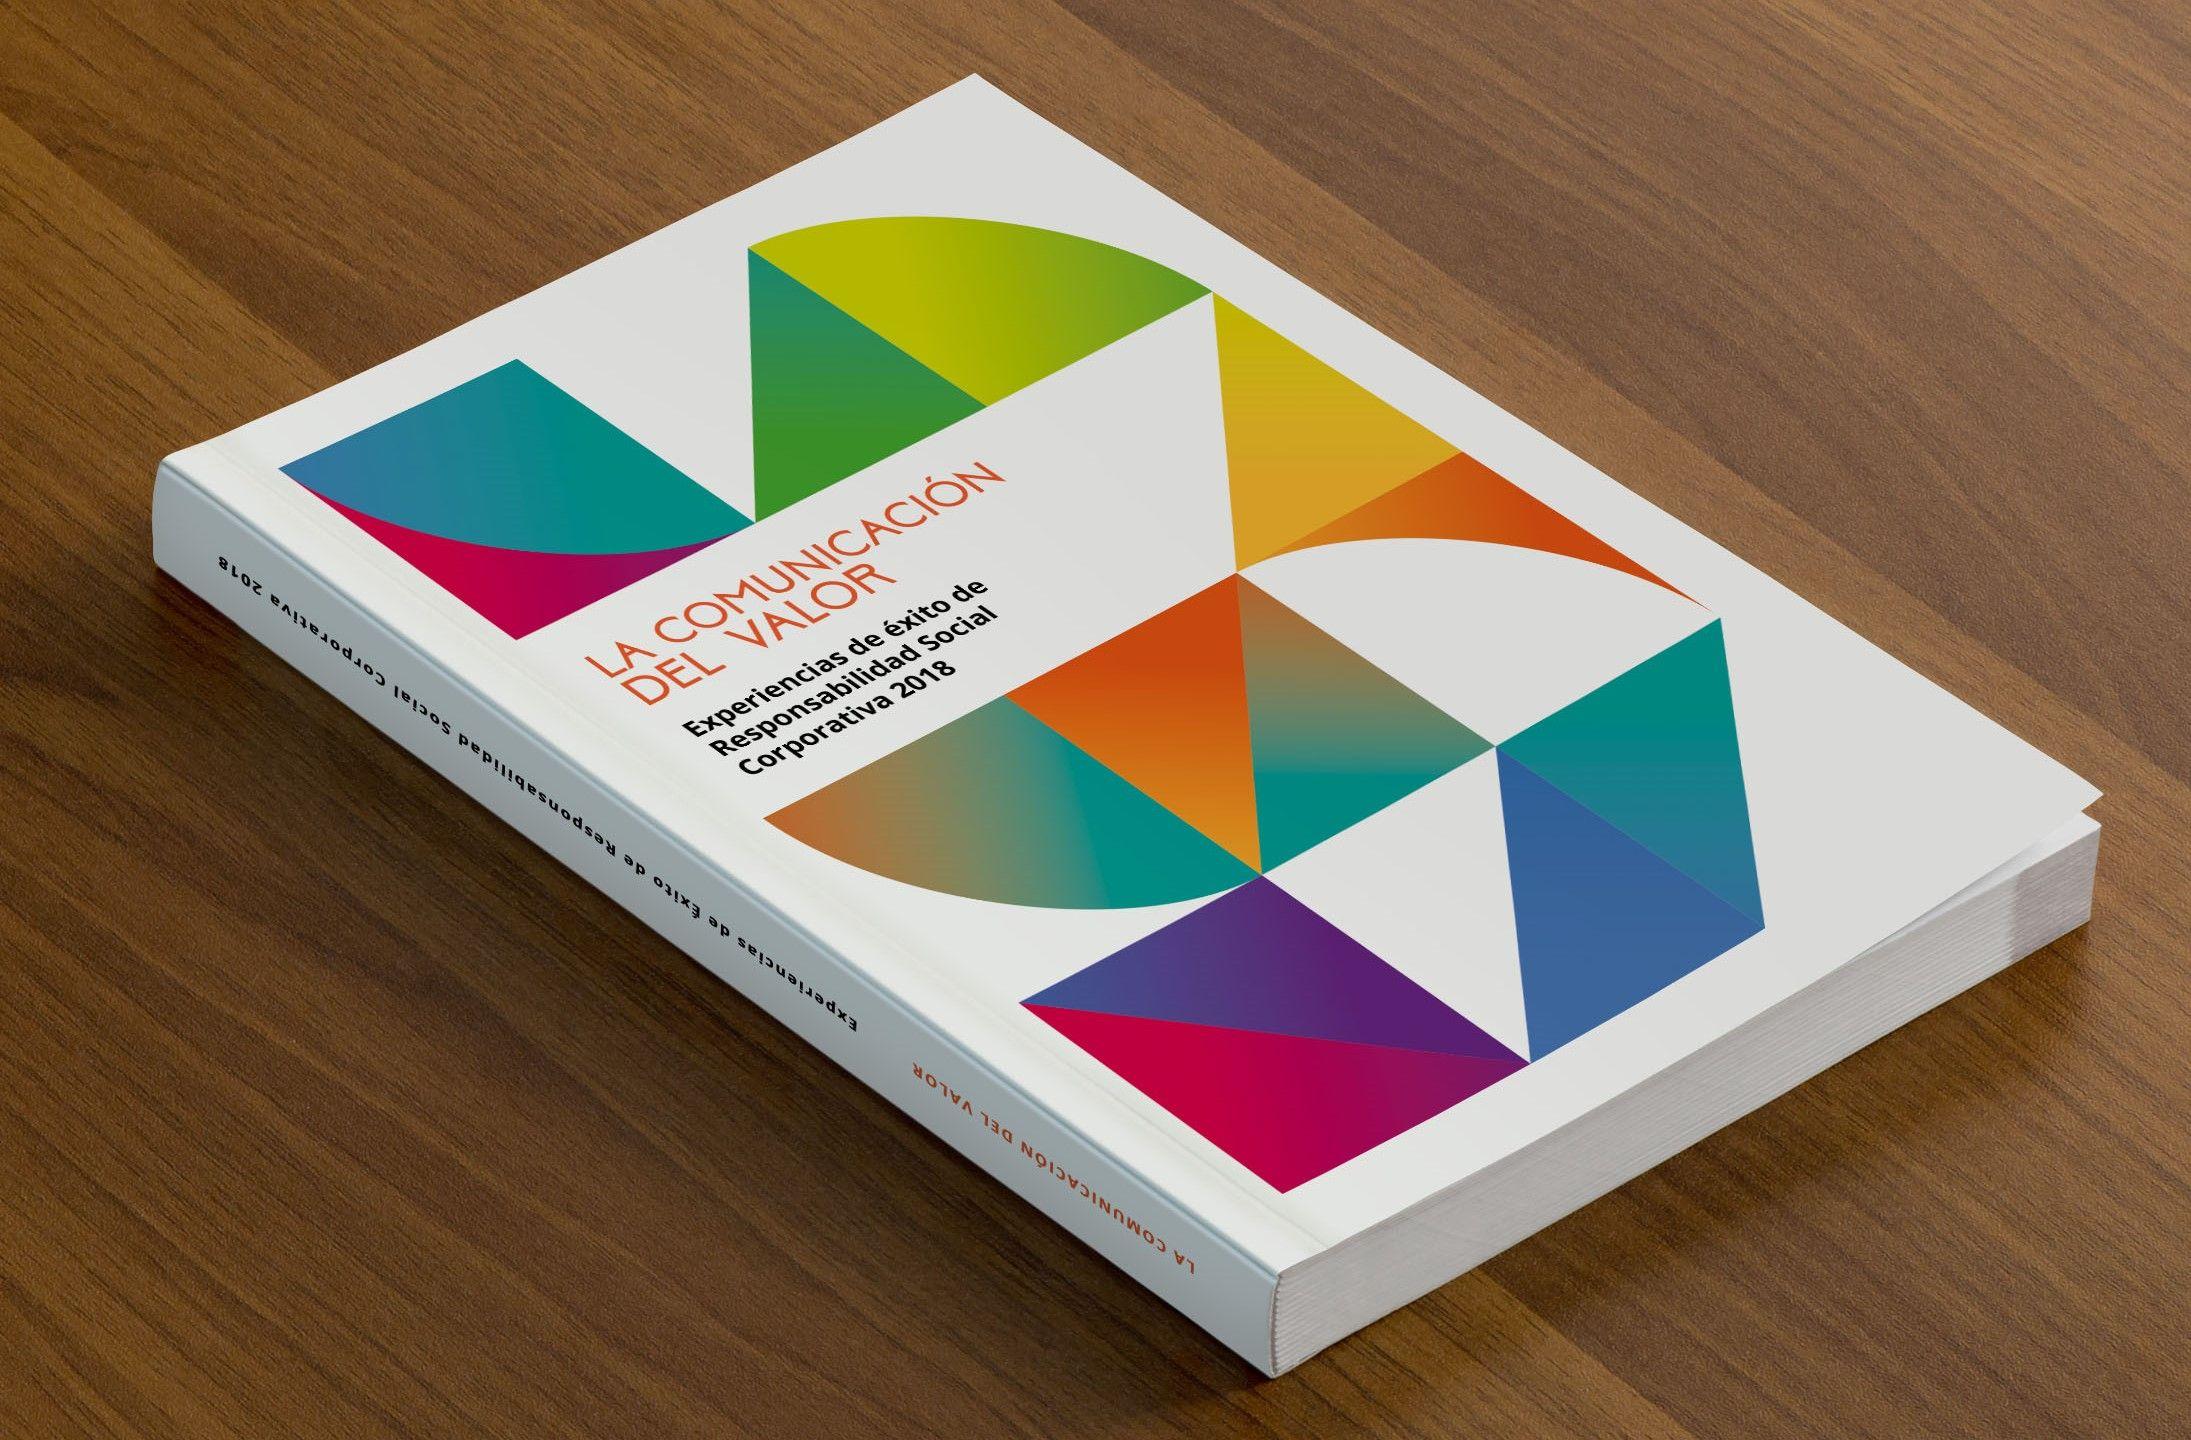 Publicado en España el libro de experiencias de éxito innovadoras de Responsabilidad Social Corporativa